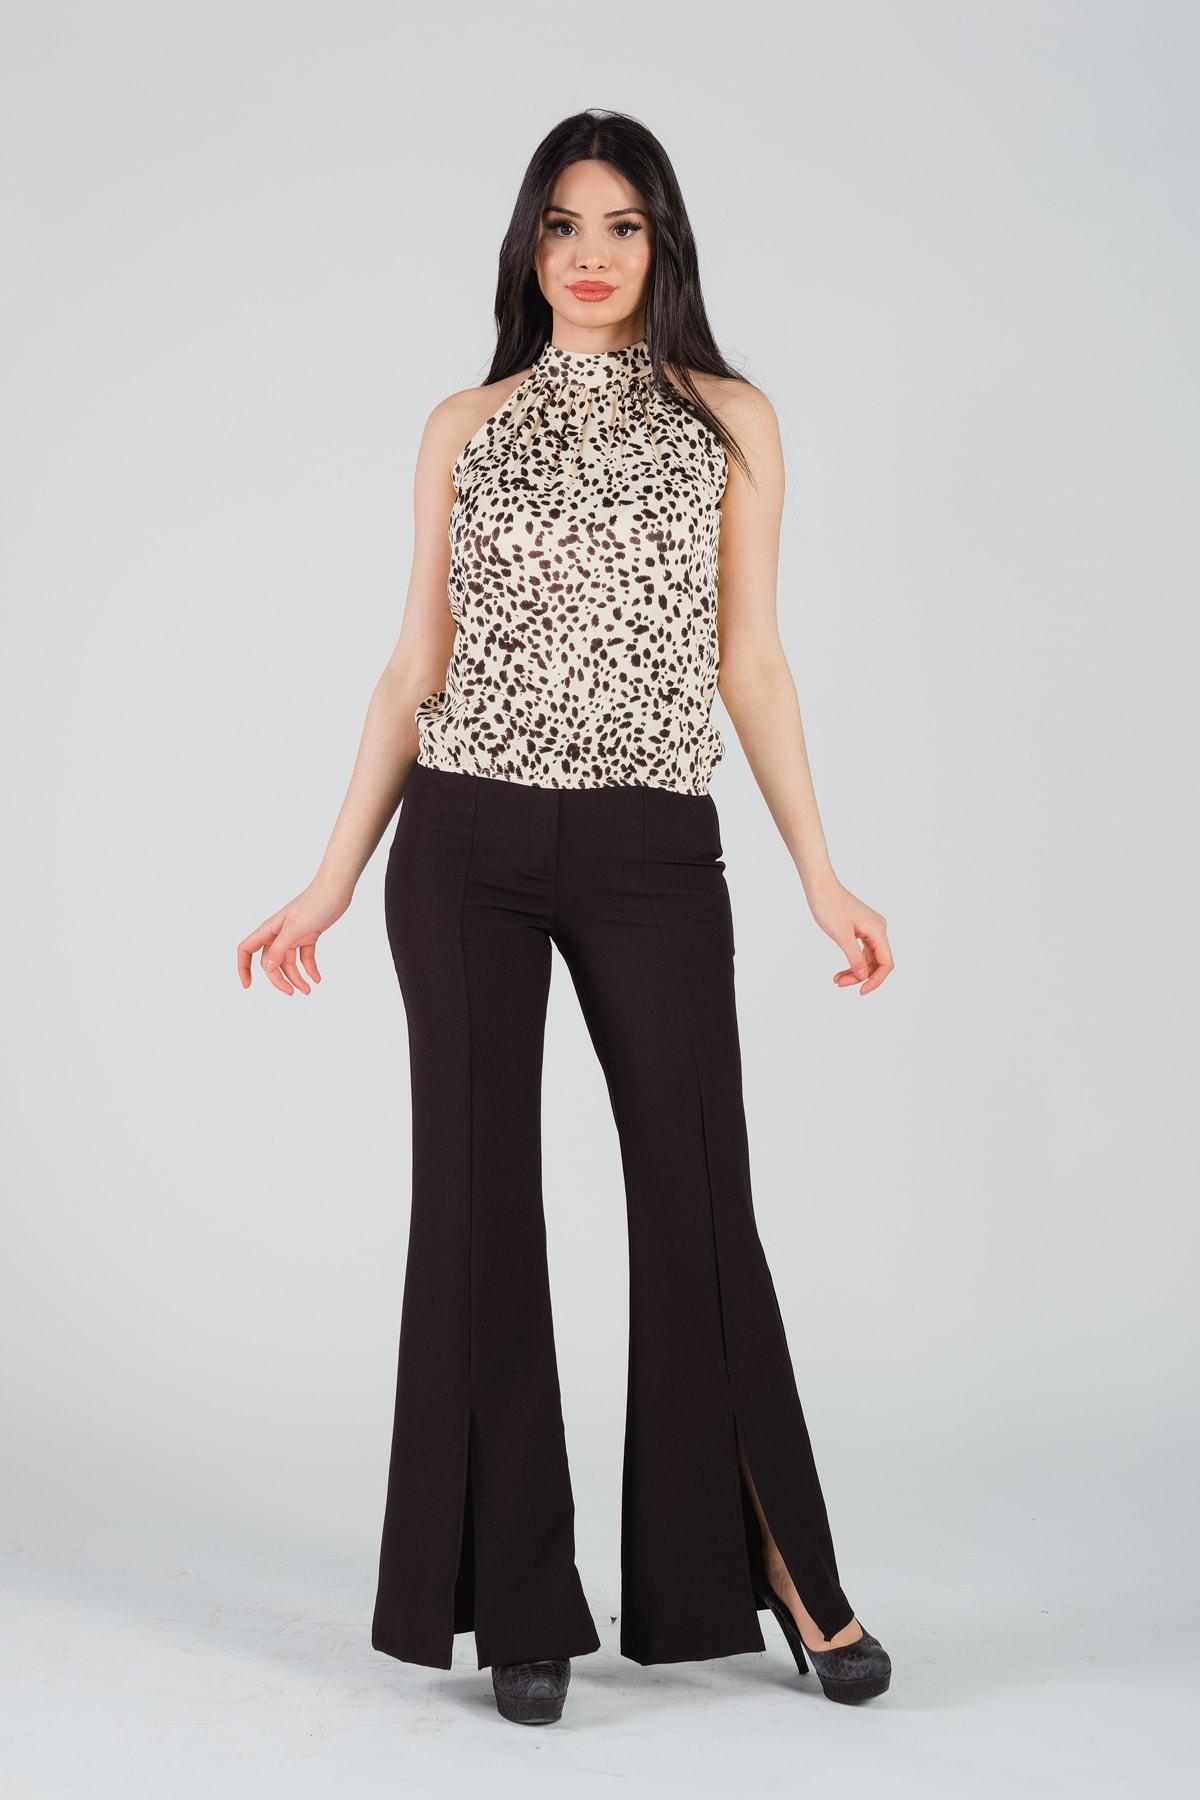 Kadın Siyah Paçası Yırtmaçlı İspanyol Paça Pantolon